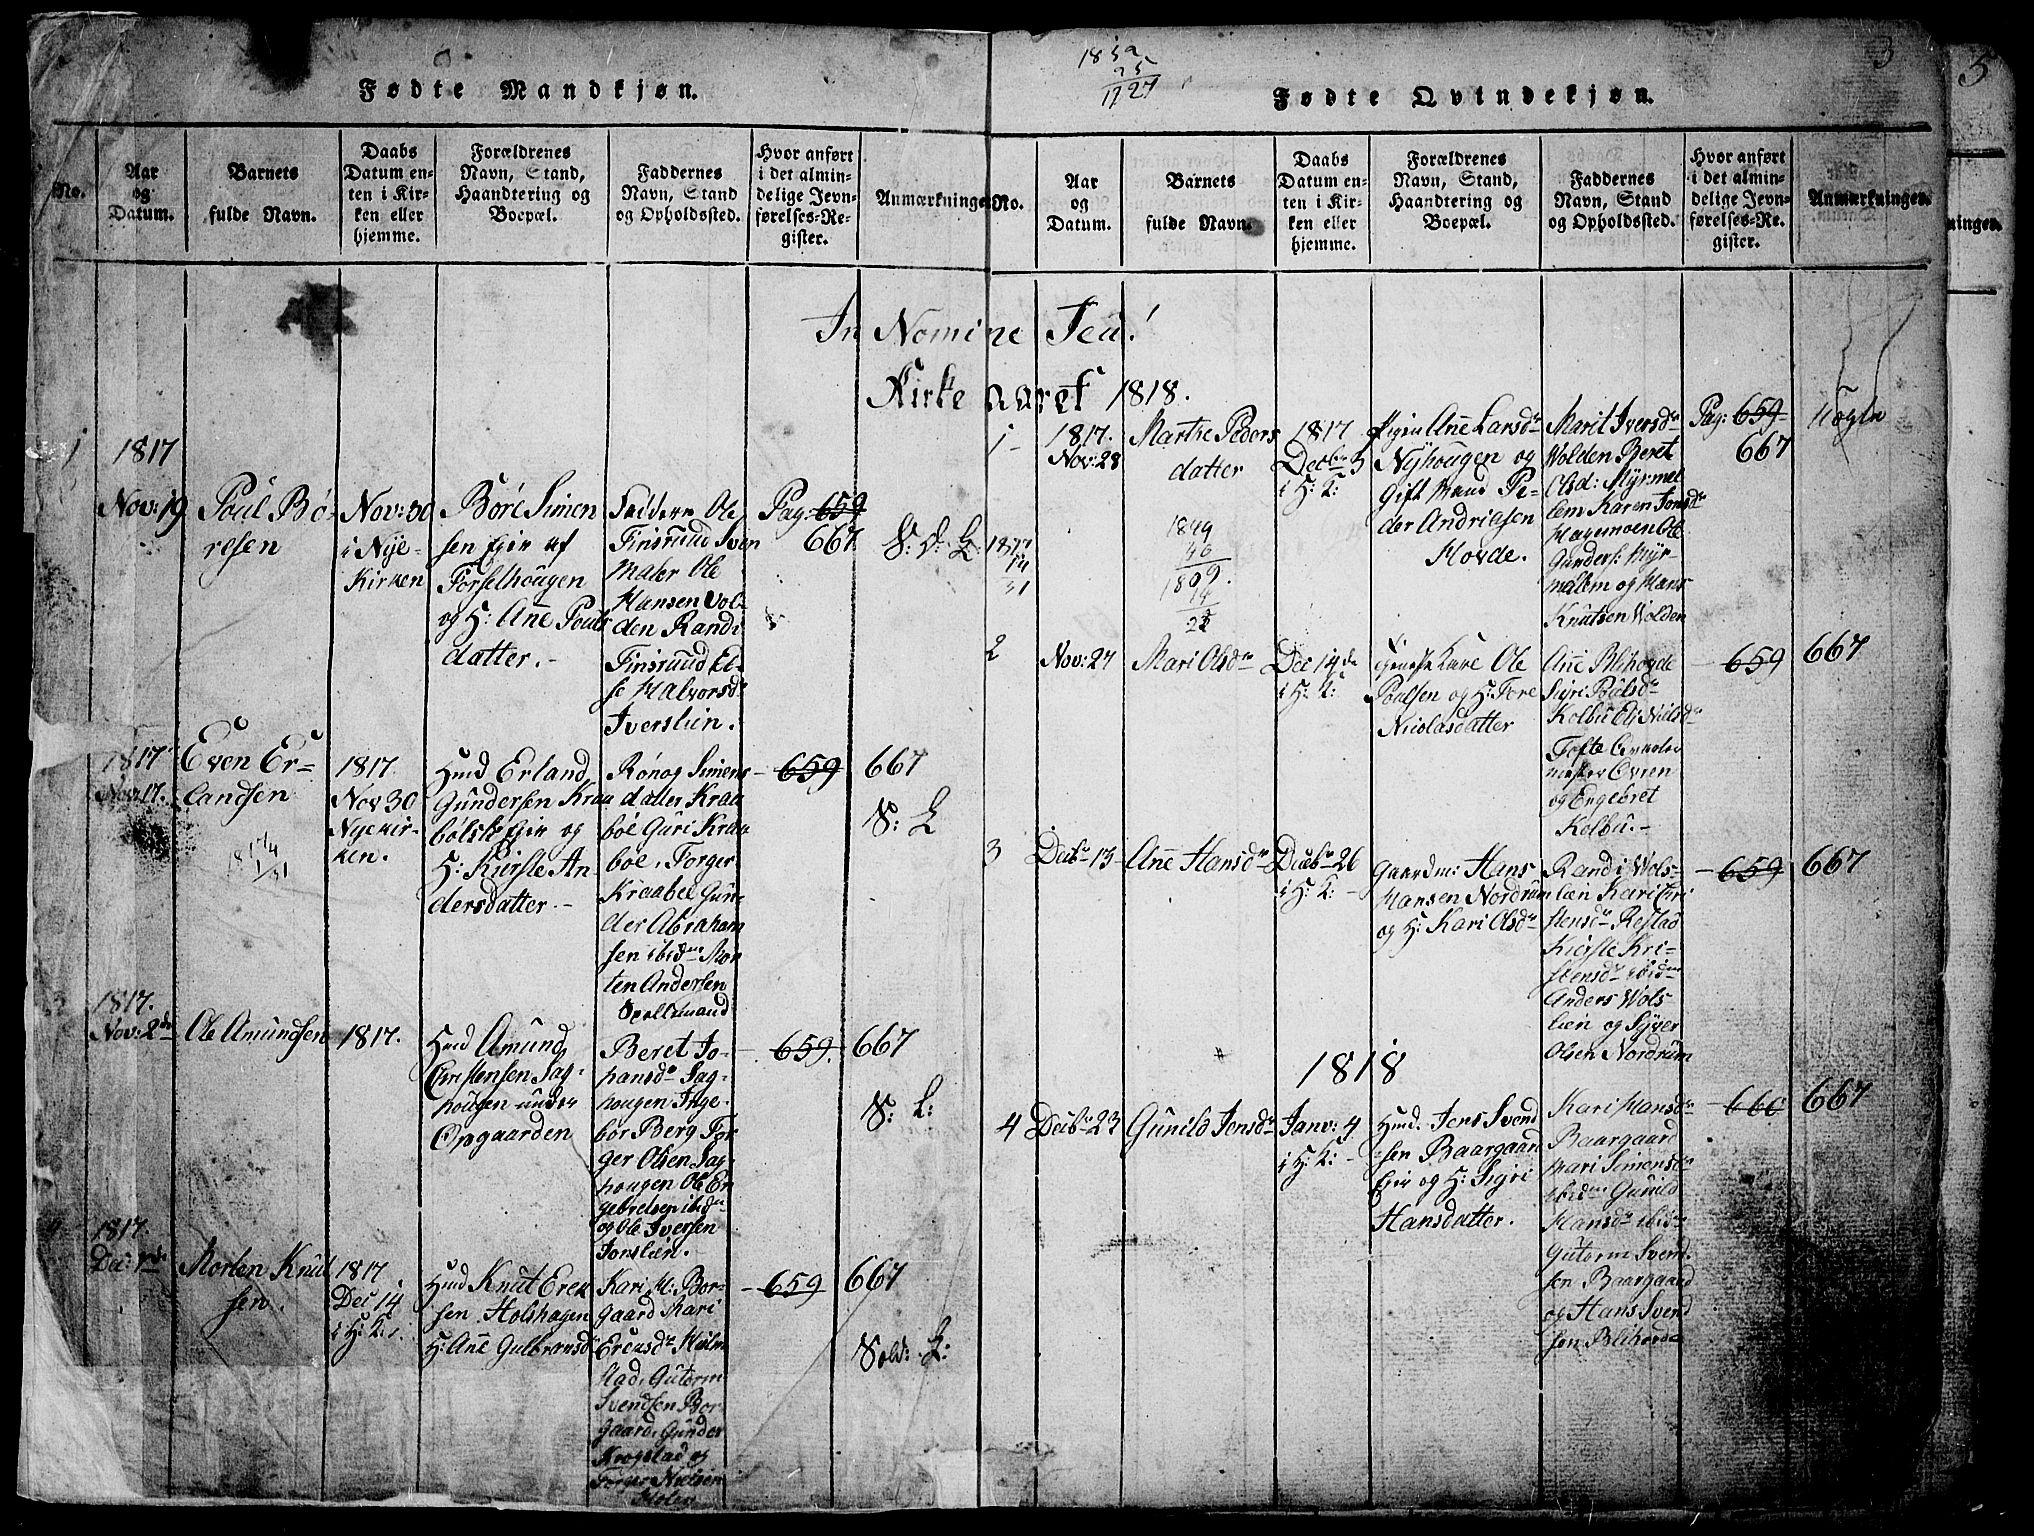 SAH, Gausdal prestekontor, Klokkerbok nr. 1, 1817-1848, s. 2-3